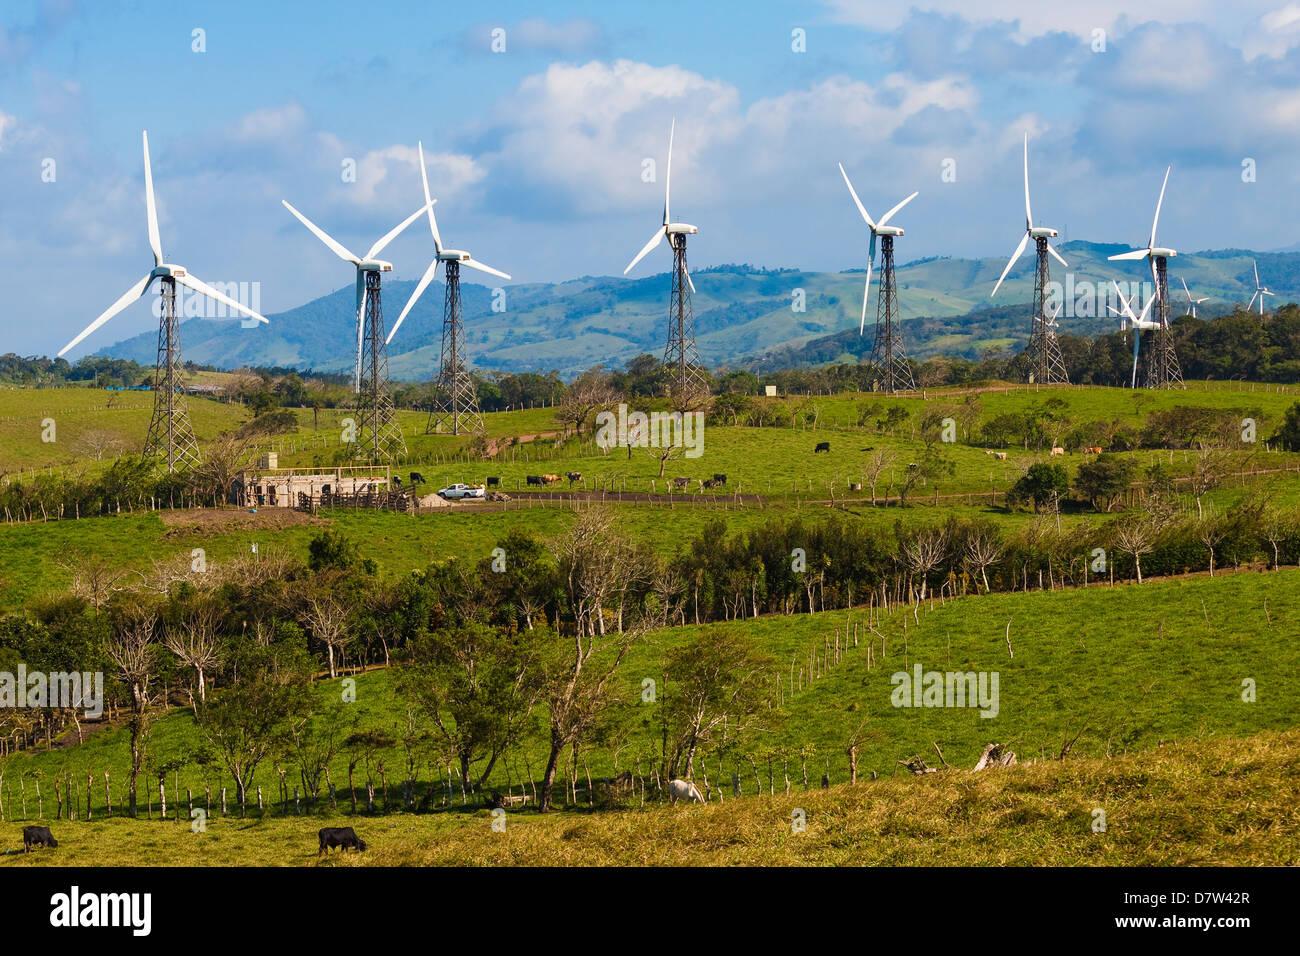 Einige der 55 20 MW Turbinen im Tilaran Windpark Strom in den Hügeln westlich von Arenal, Tilaran, Provinz Stockbild